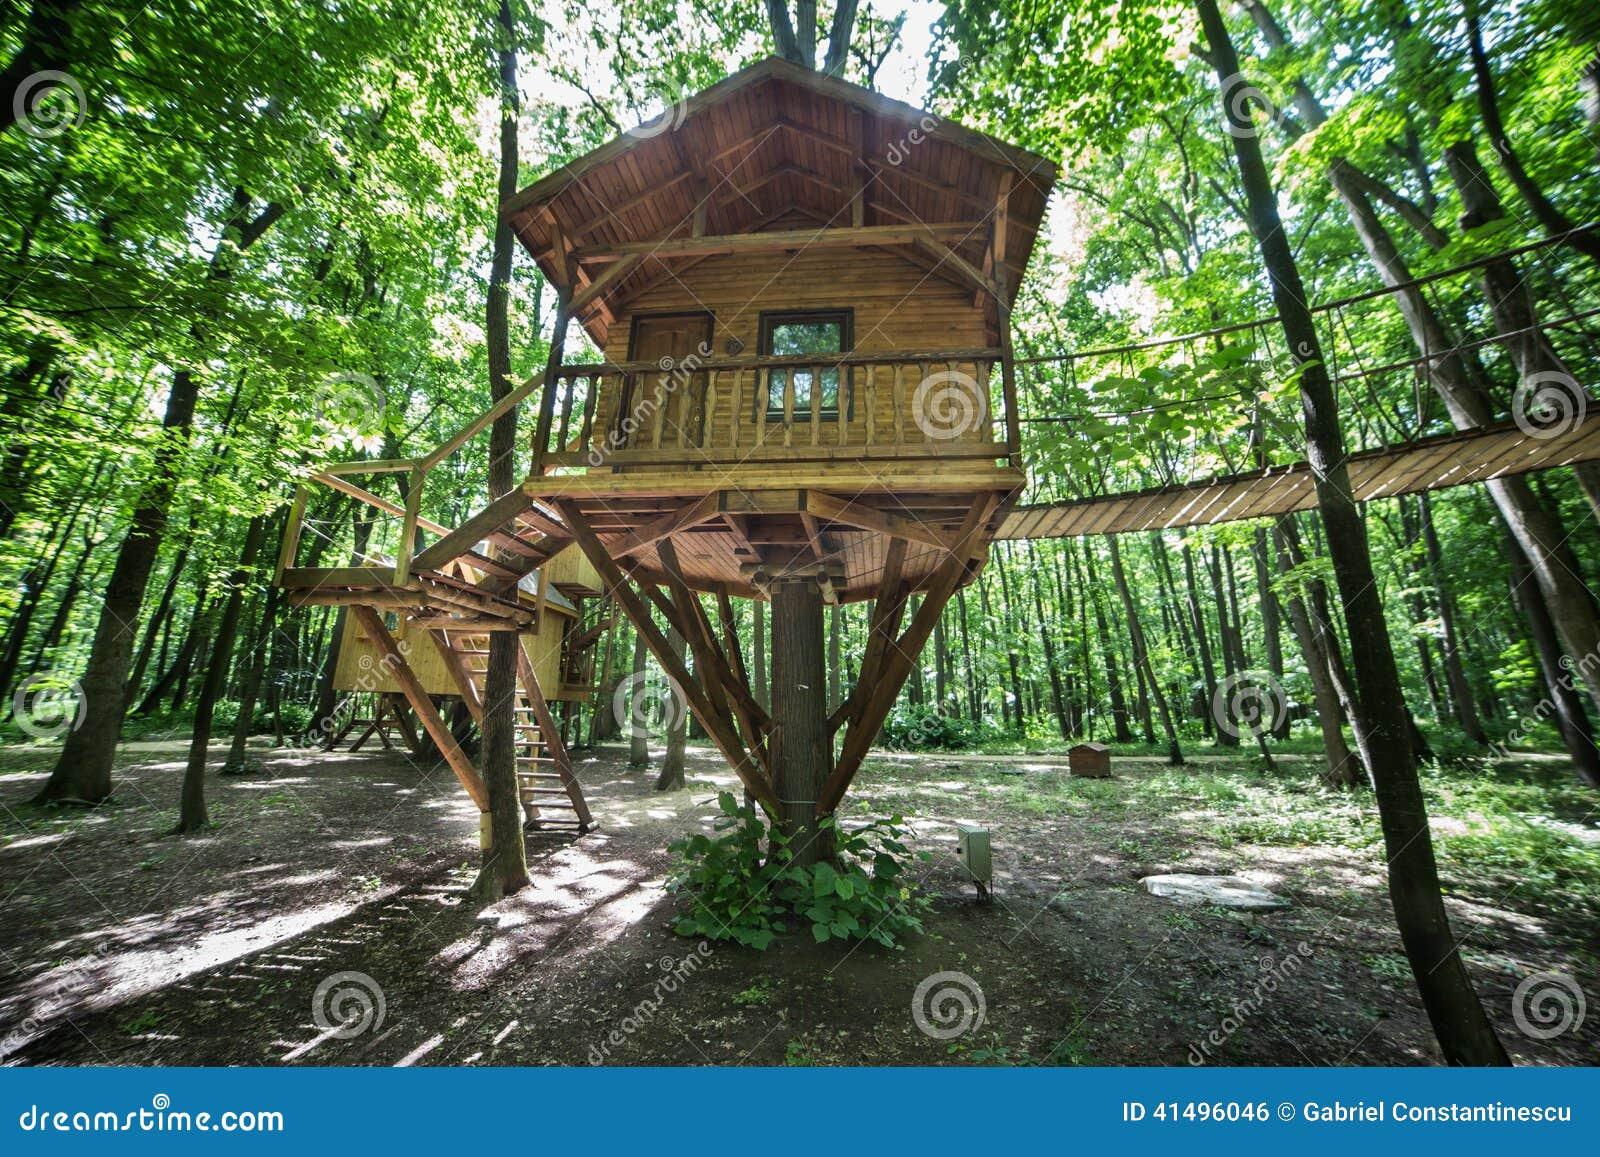 cabane dans un arbre en bois en parc naturel photo stock image 41496046. Black Bedroom Furniture Sets. Home Design Ideas